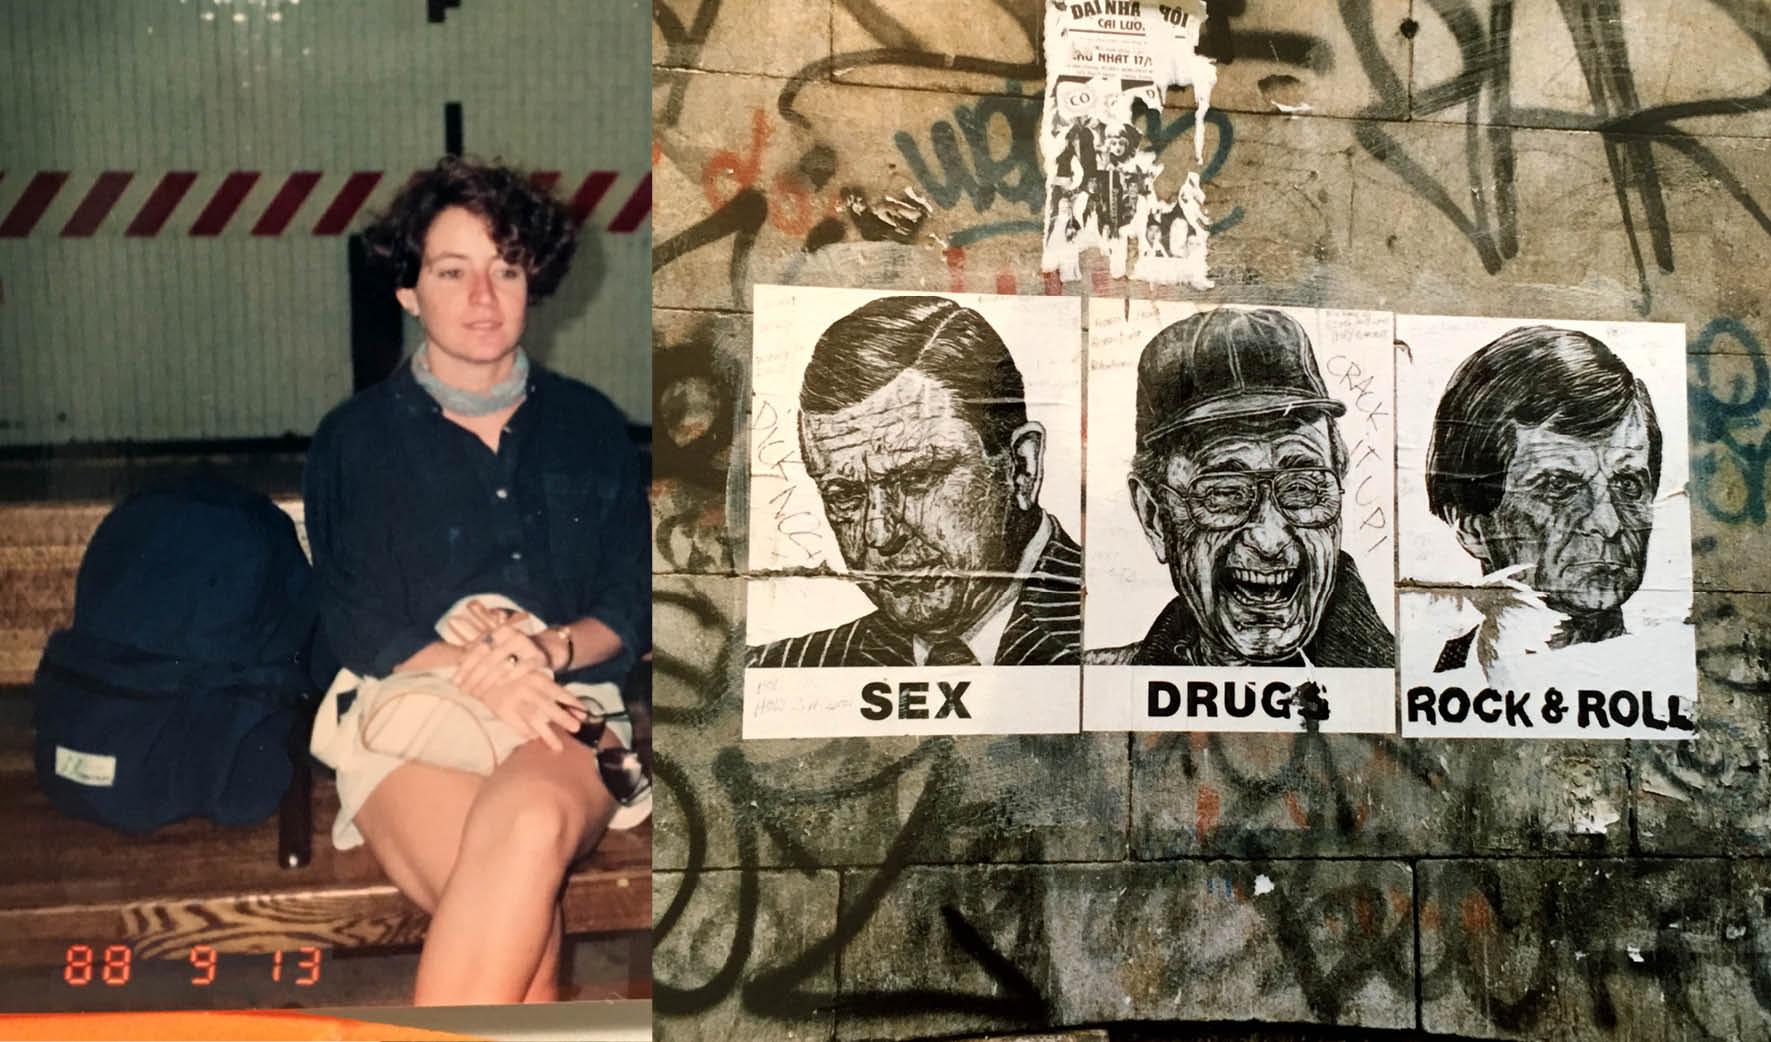 ניו יורק 1989. פעם ראשונה בניו יורק